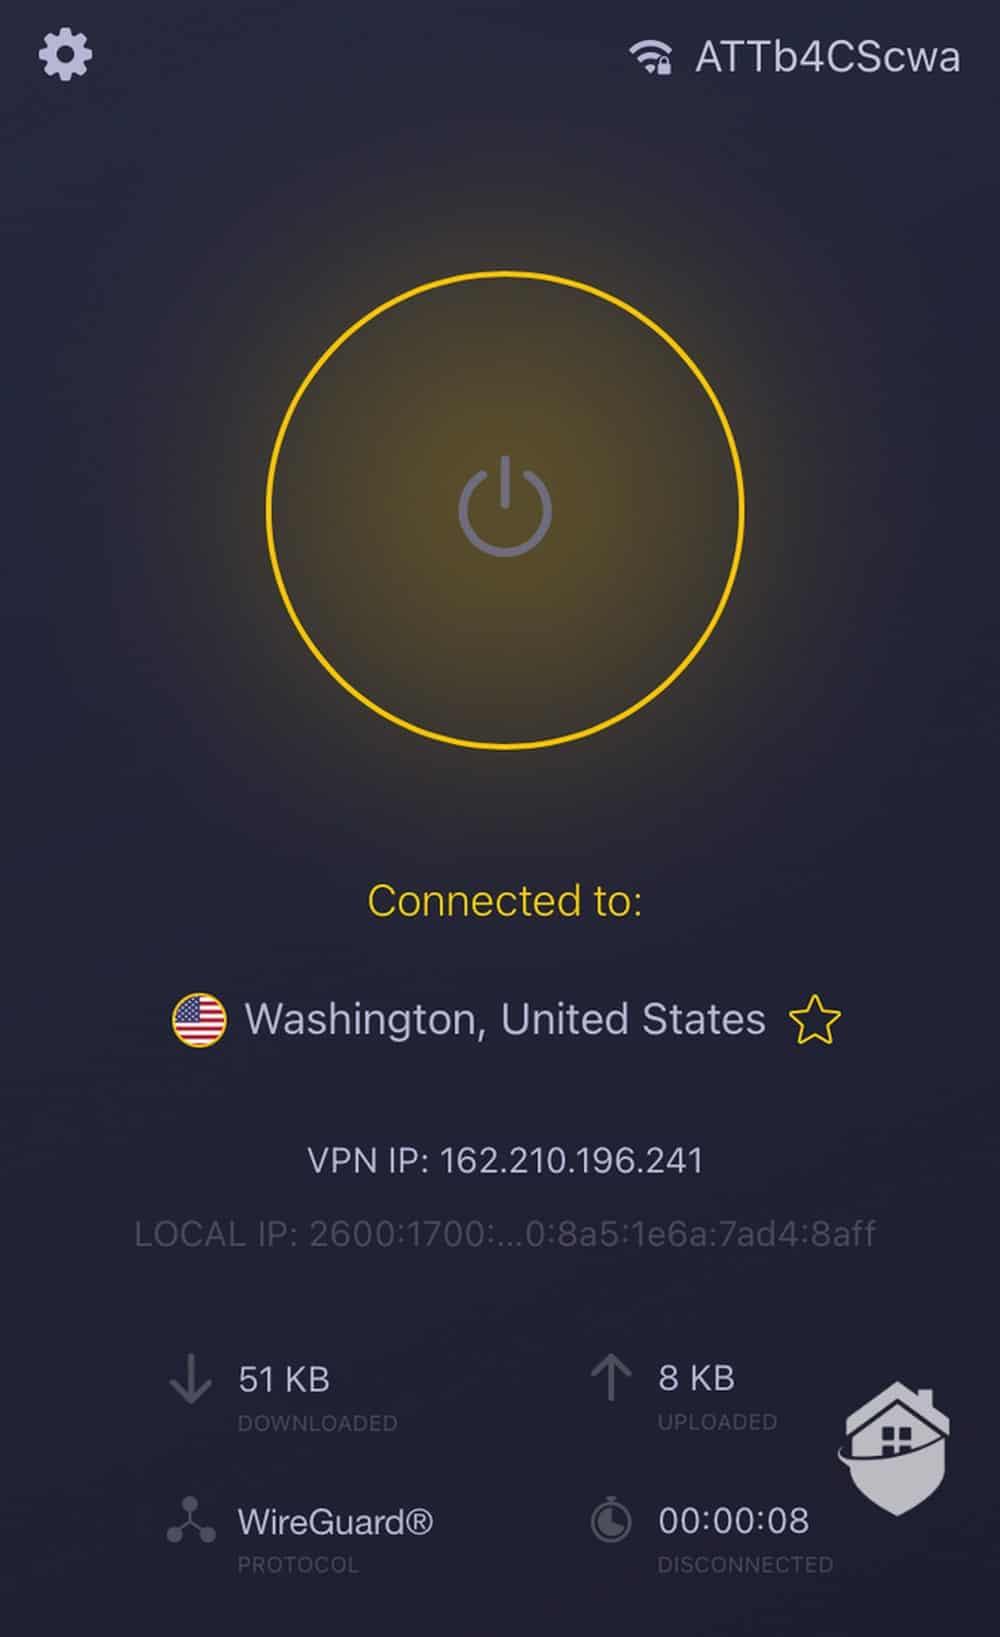 CyberGhost Mobile App